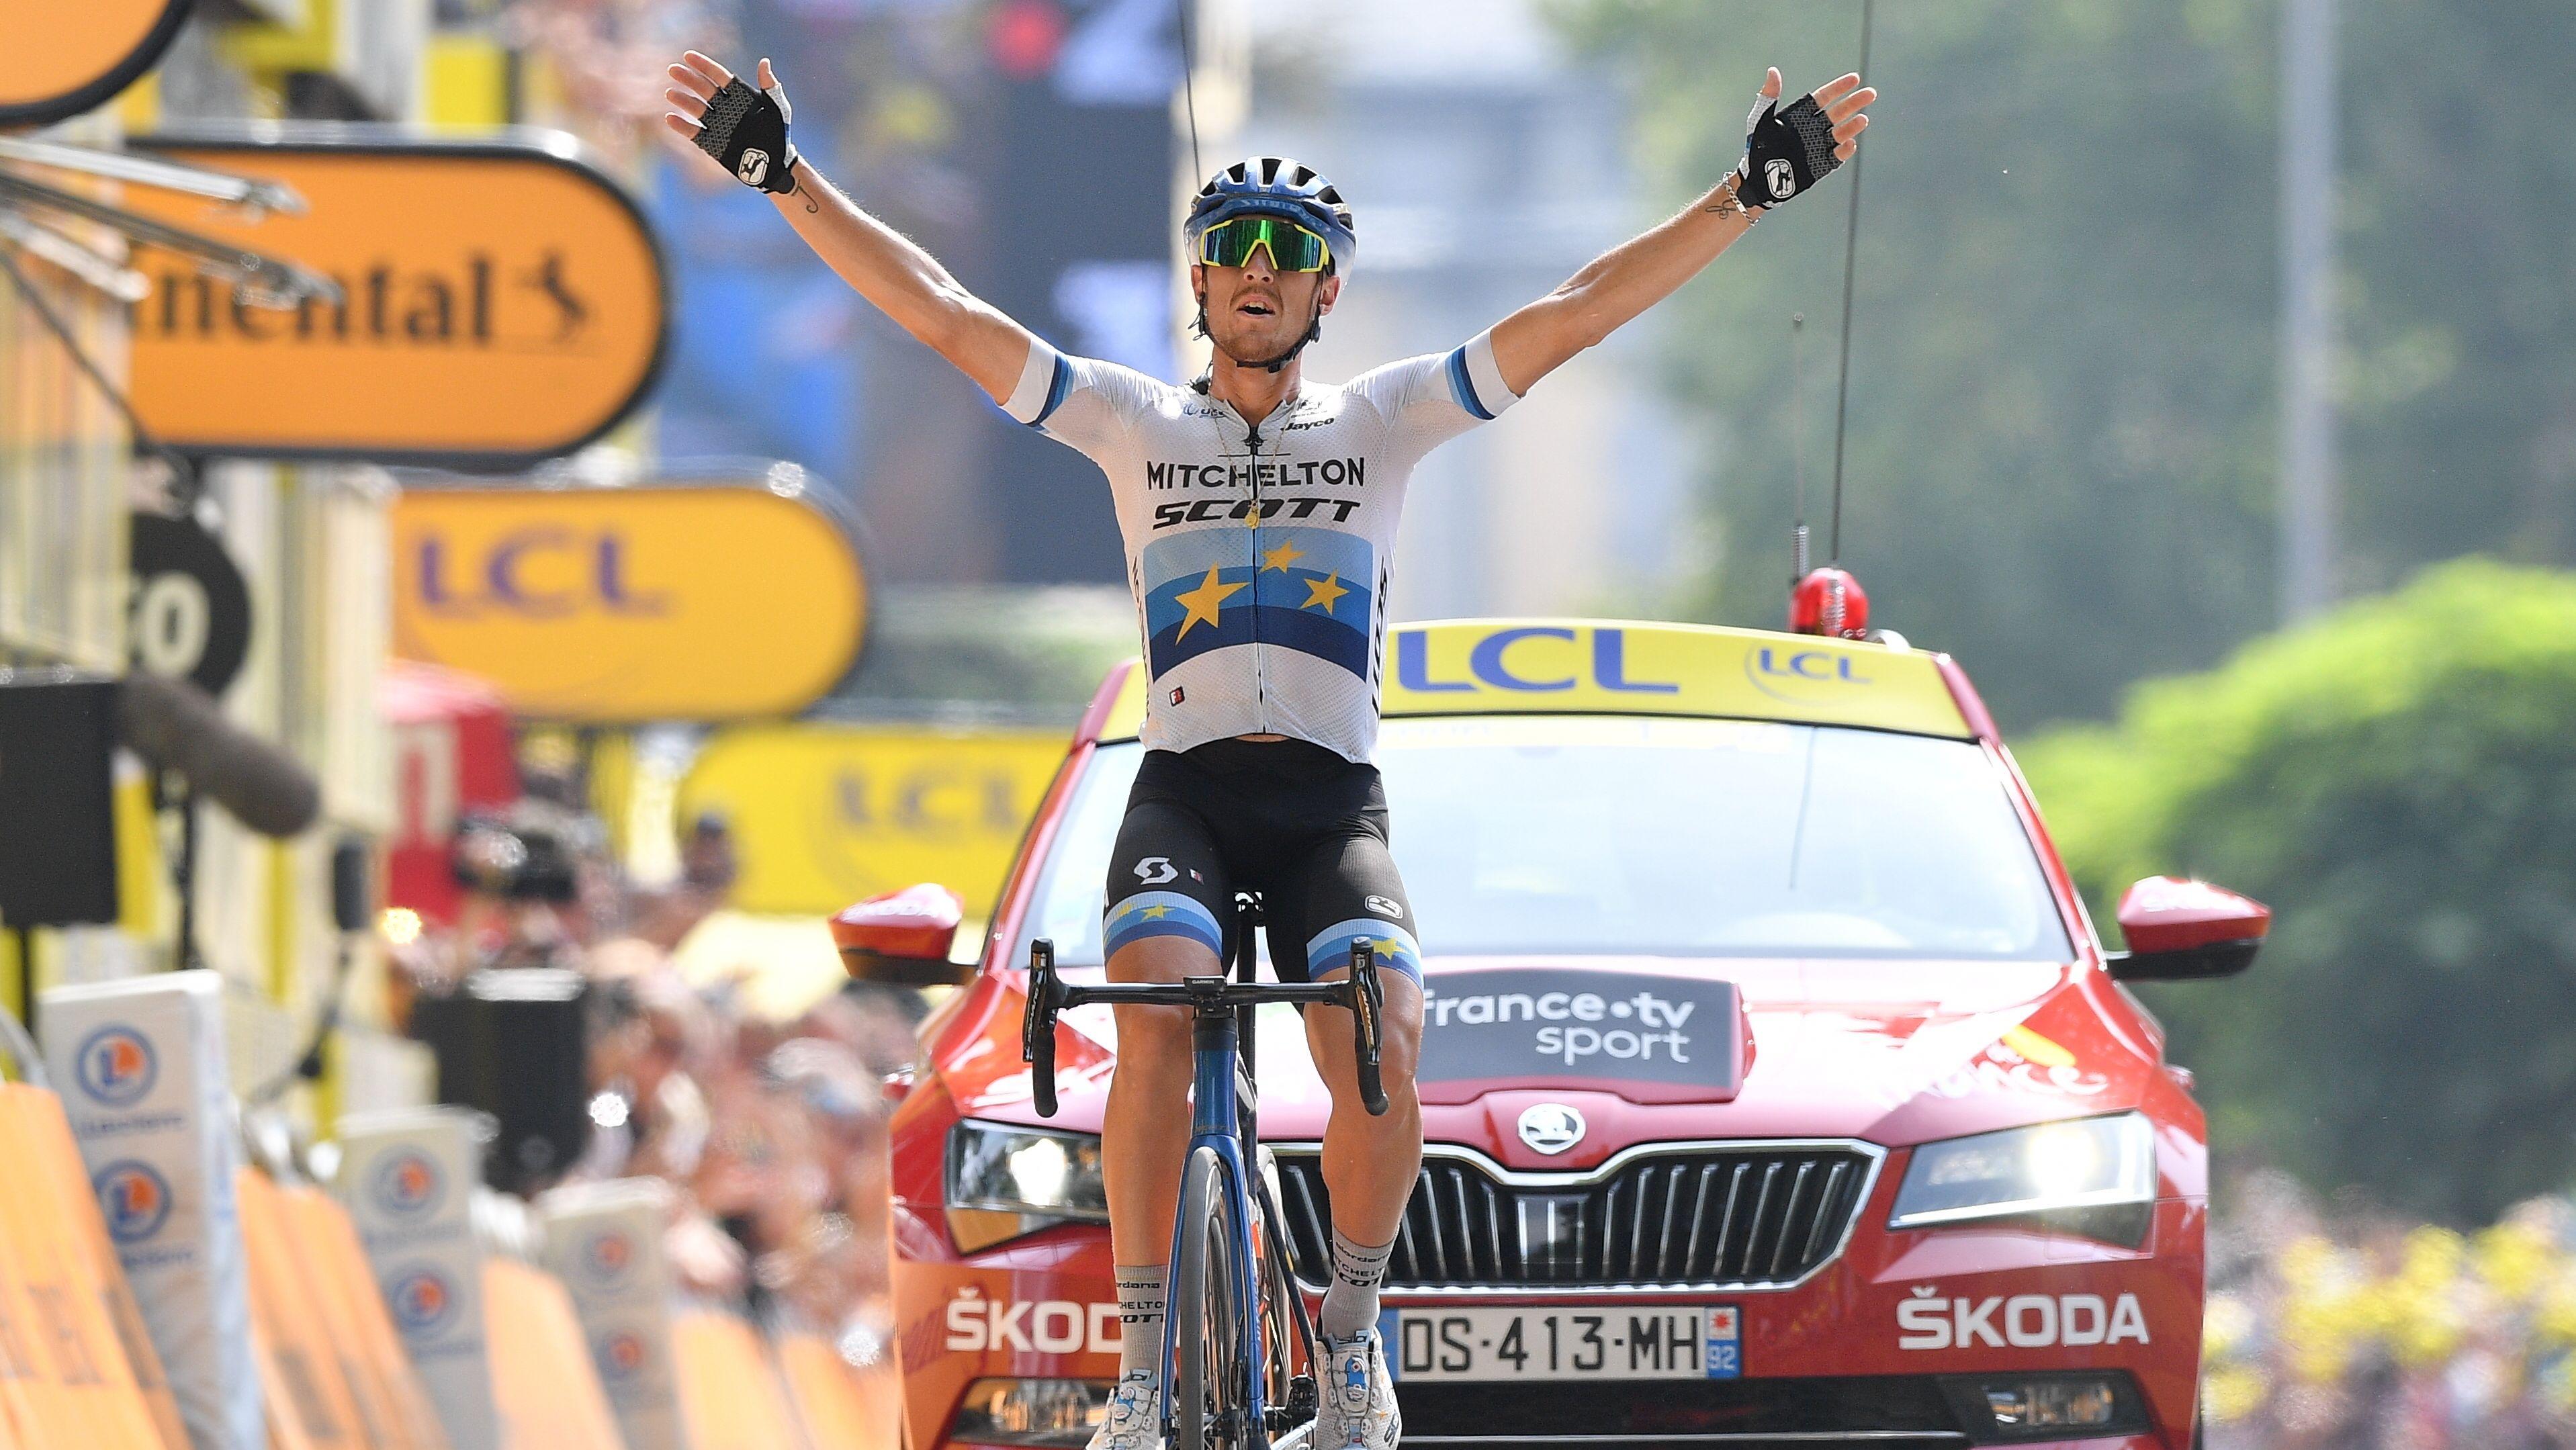 Matteo Trentin, der Gewinner der 17. Etappe der Tour de France 2019, bei der Zieleinfahrt